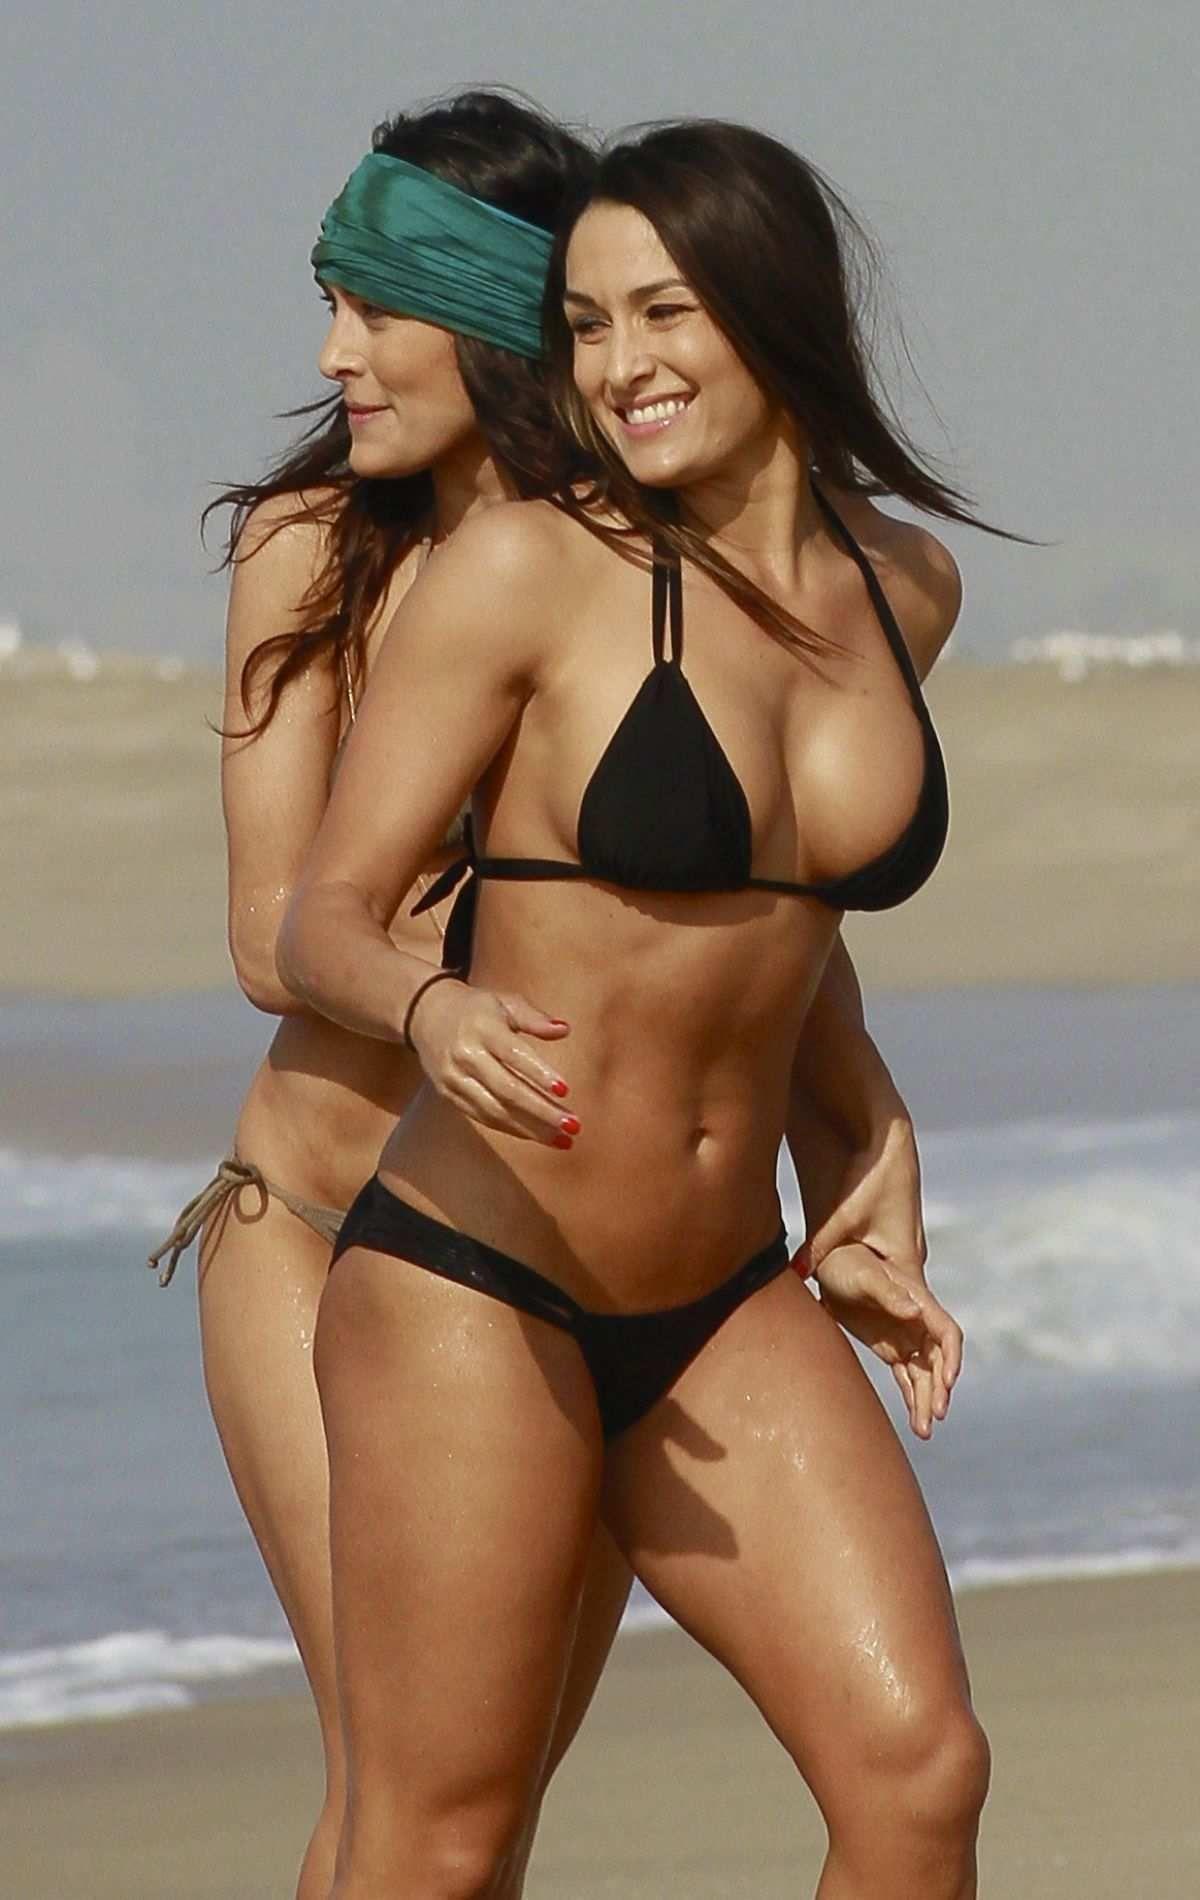 Nikki Bella Hottest Pictures